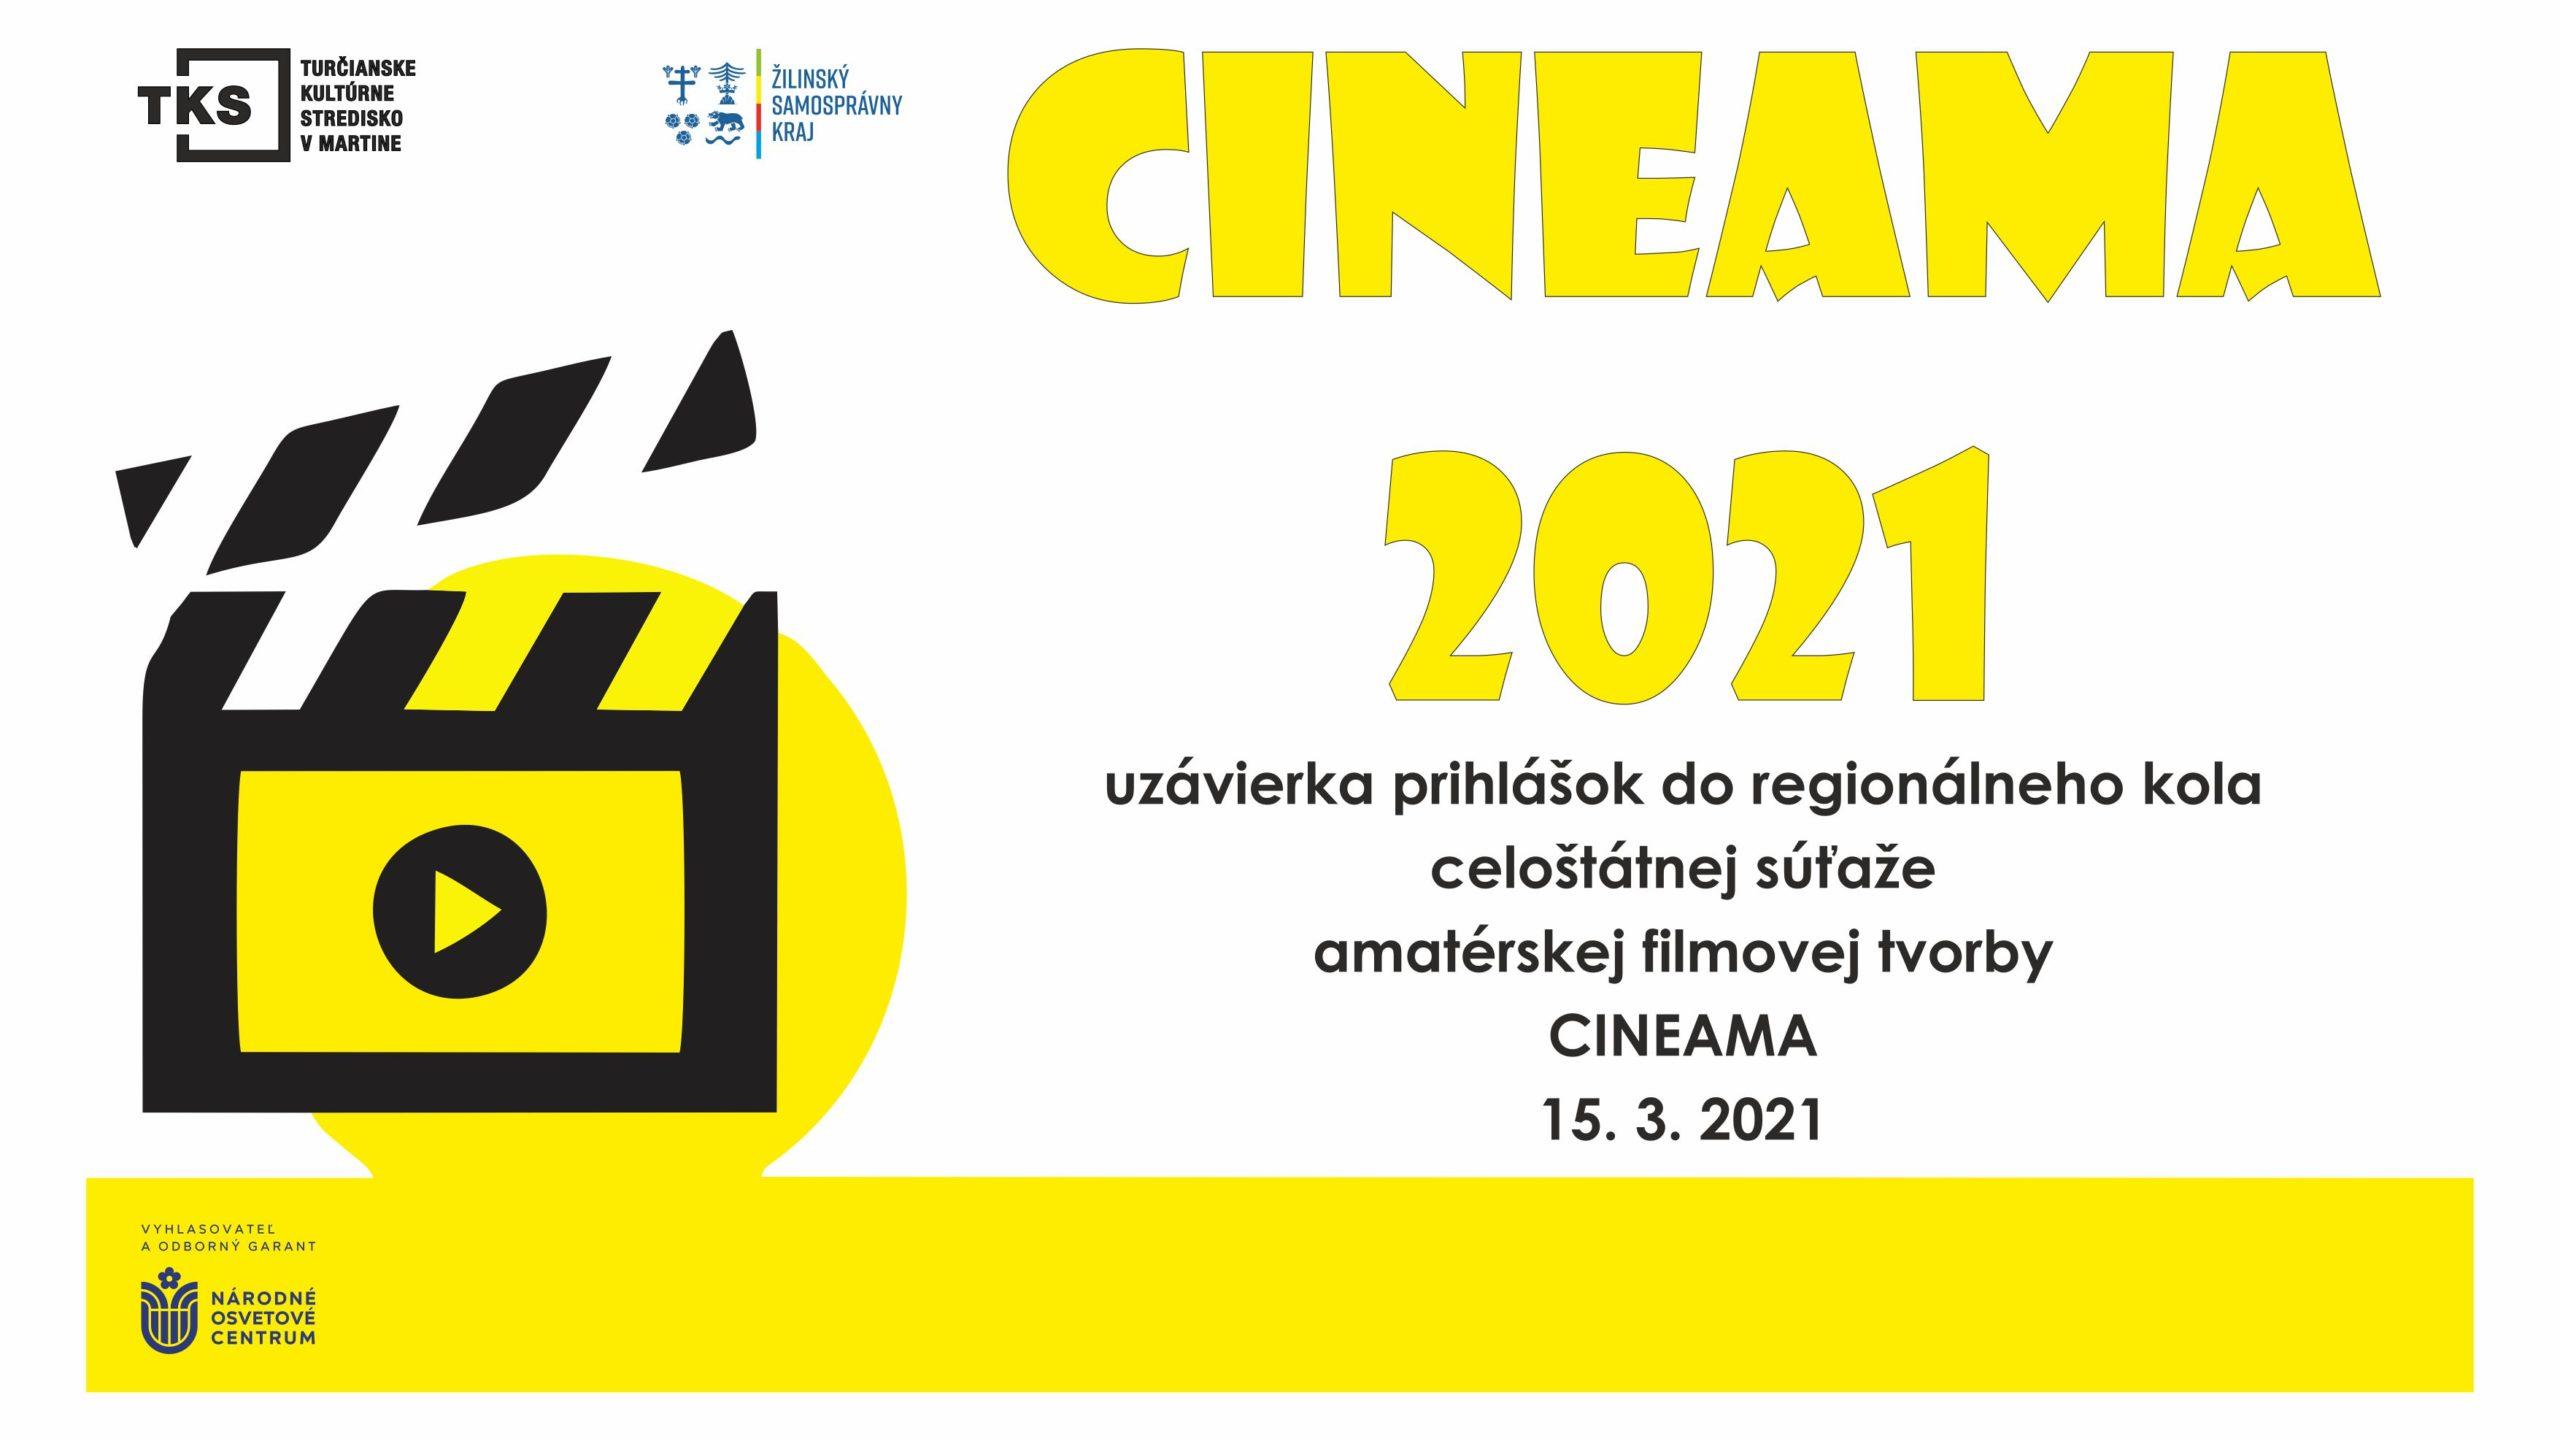 CINEAMA 2021 prihlásenie a propozície